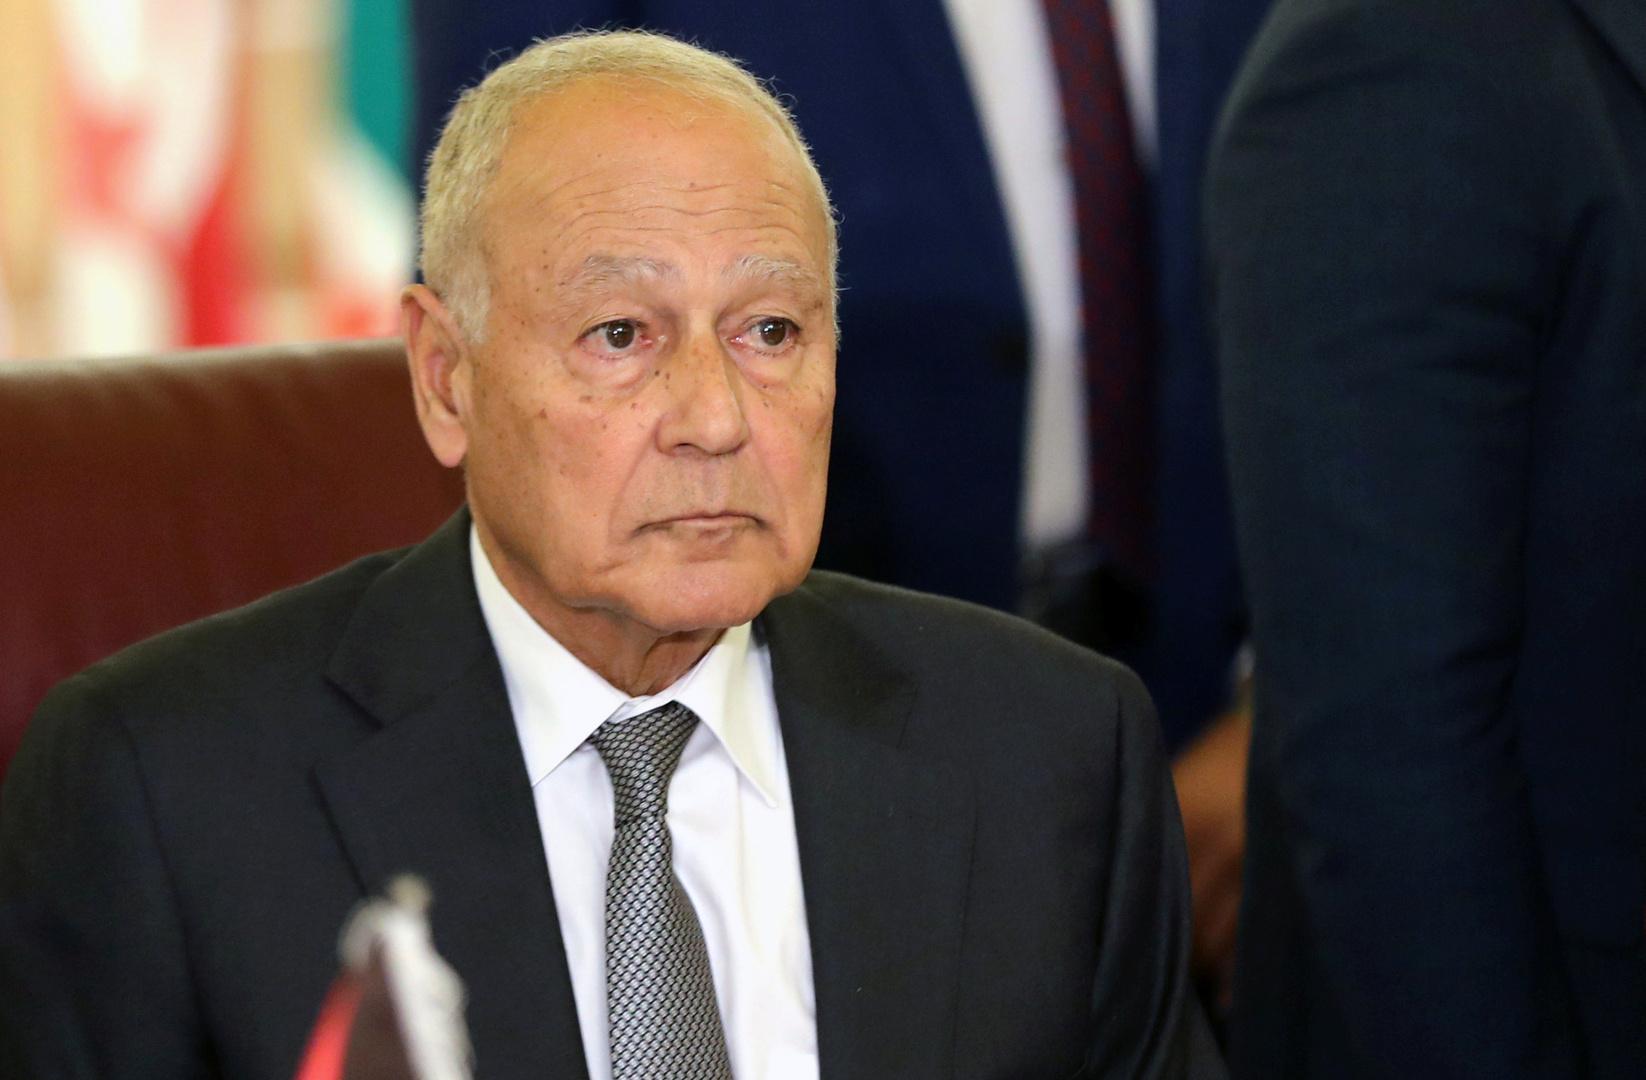 أبو الغيط: الجامعة العربية لا تقبل بتصرفات تركيا واستهدافها للأمن القومي العربي